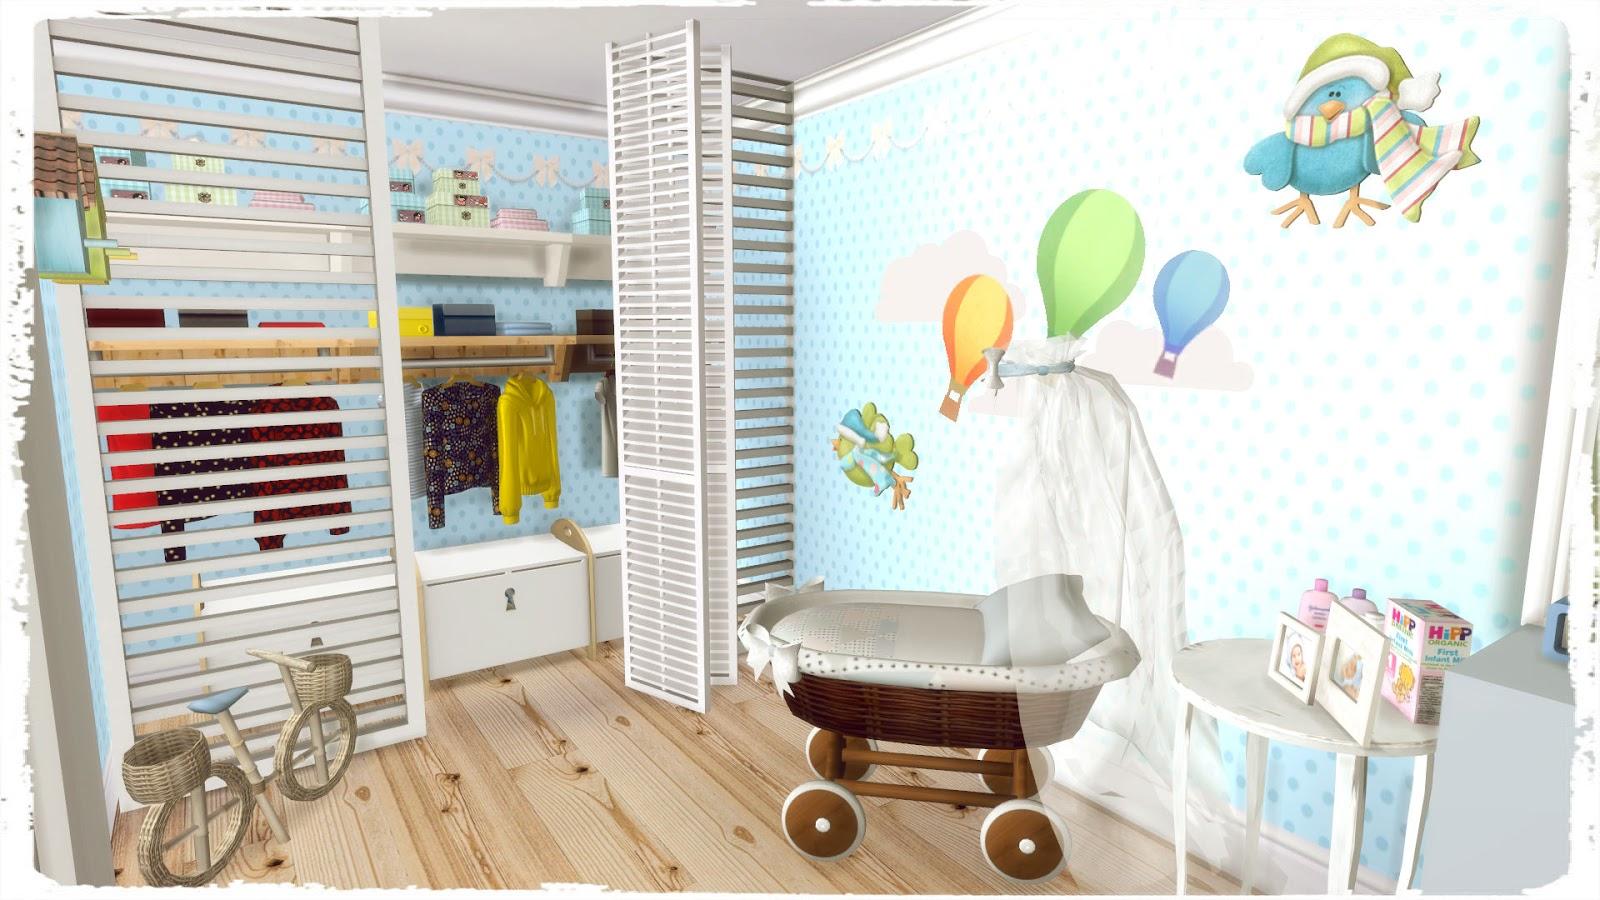 Sims 4 toddler bedroom build decoration dinha for Schedule j bedroom description